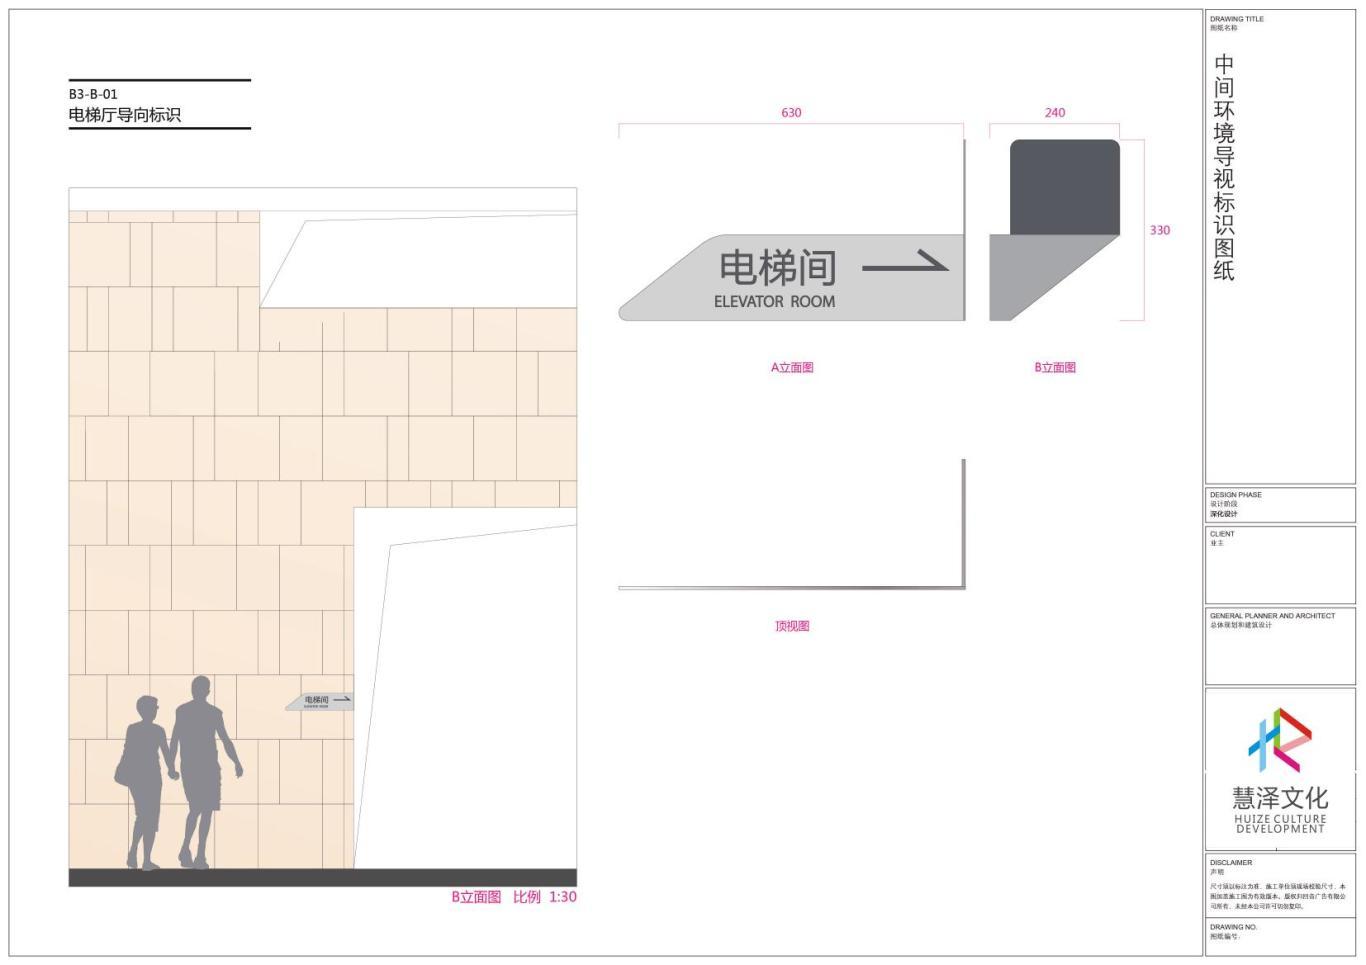 中间坊-商业导视系统深化设计图12